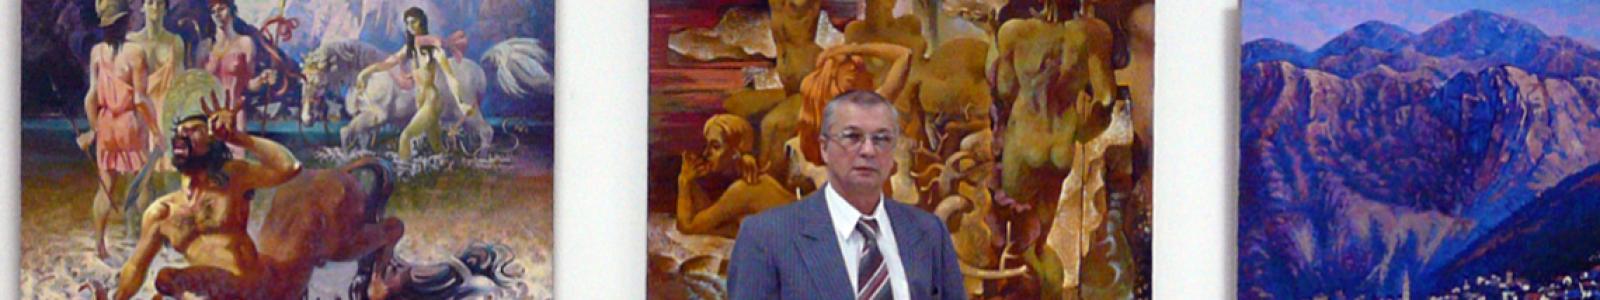 Gallery Painter Vasily Ptyukhin